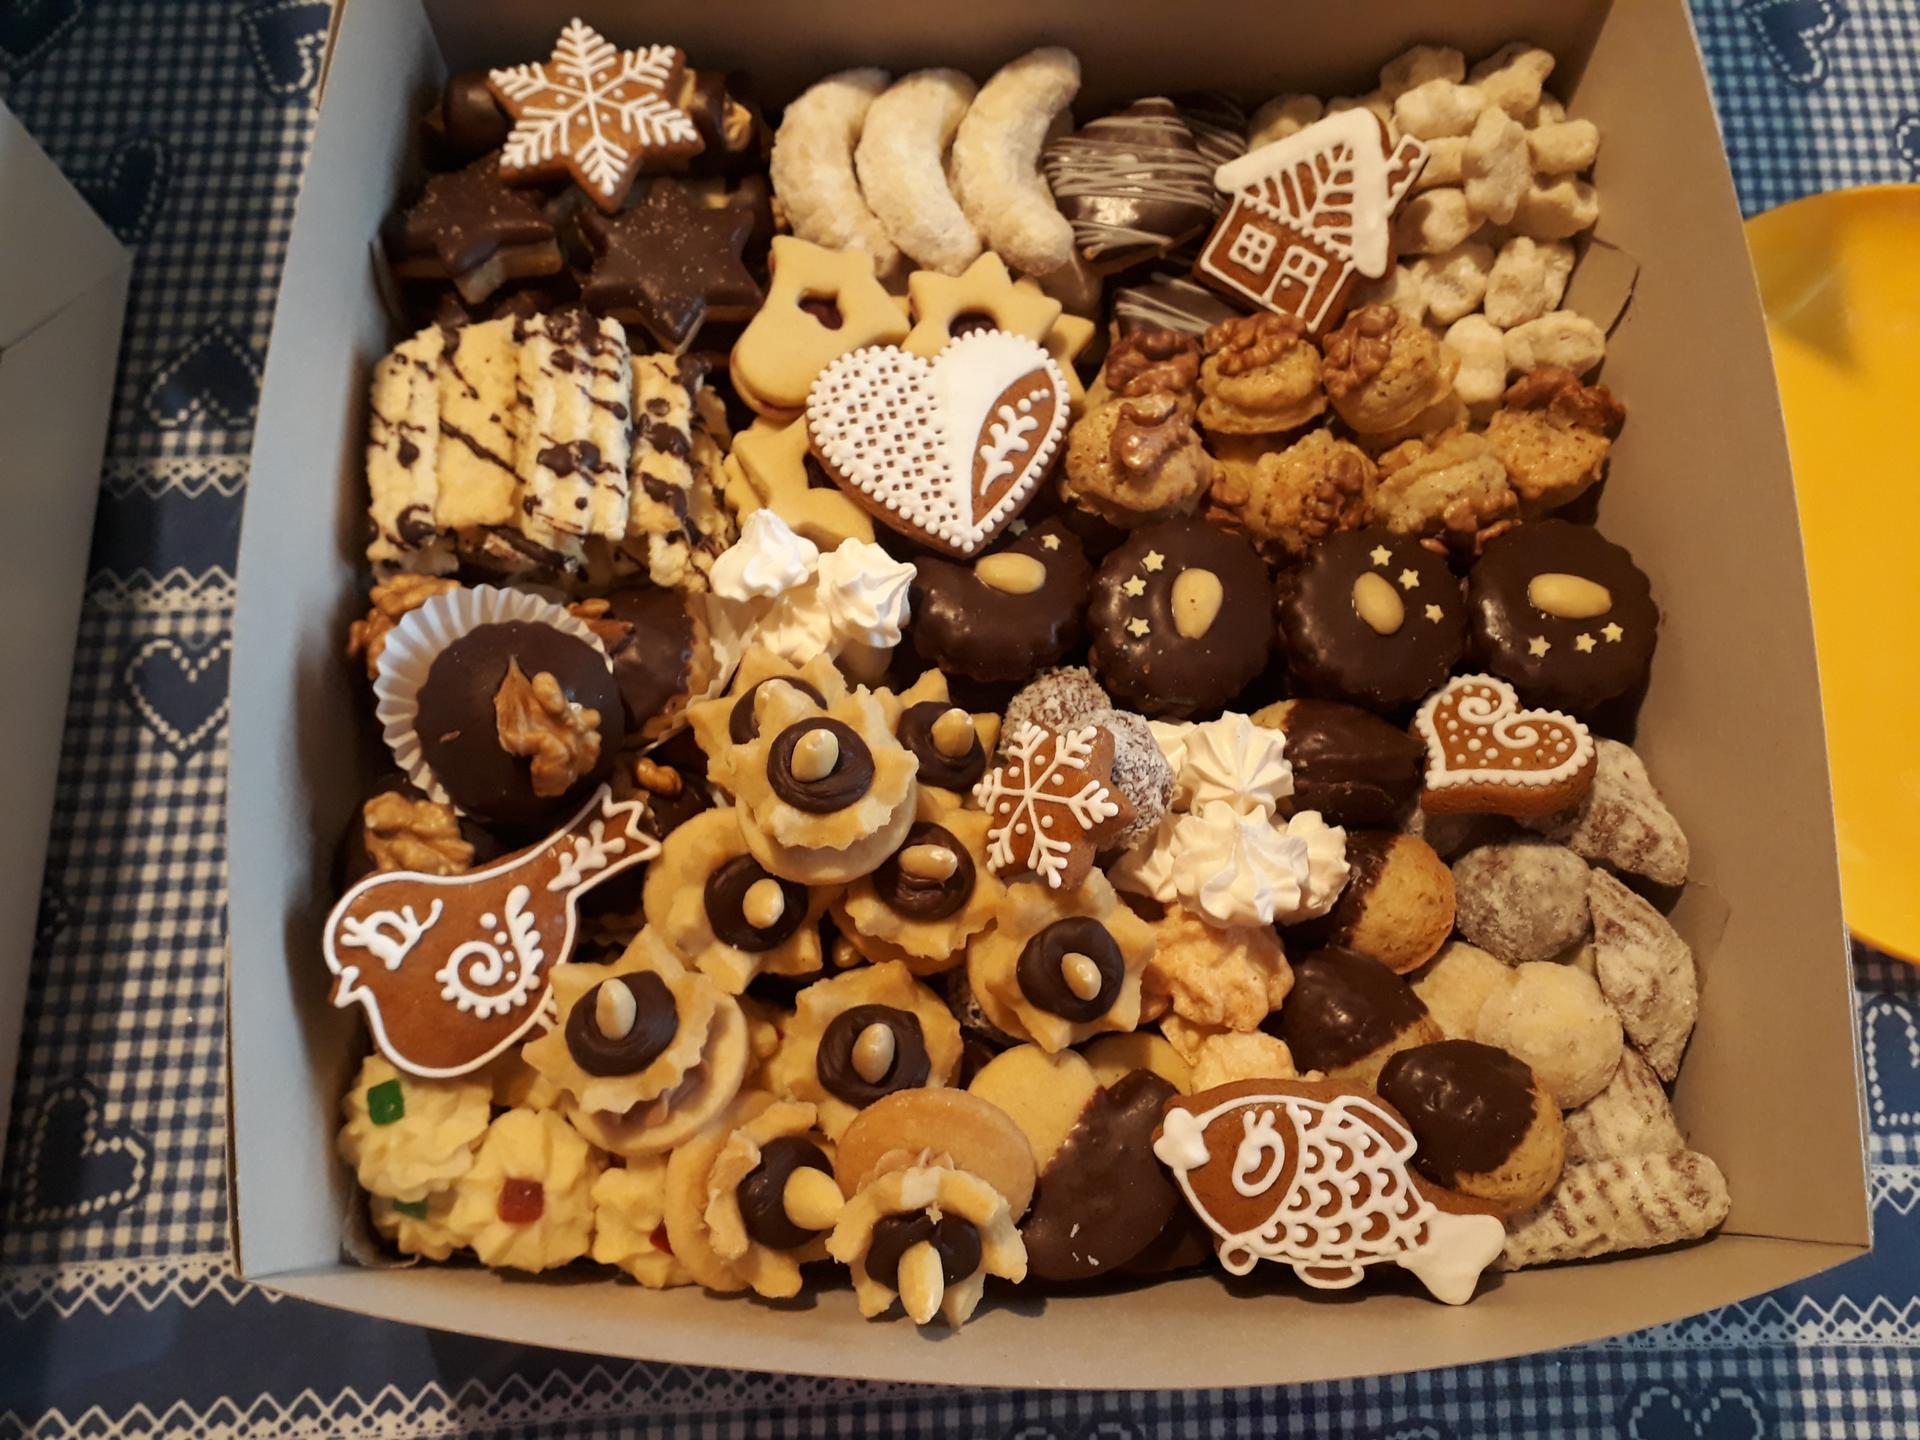 Vánoce 2019 - Takto, letos pečeno 19 druhů cukroví 😊